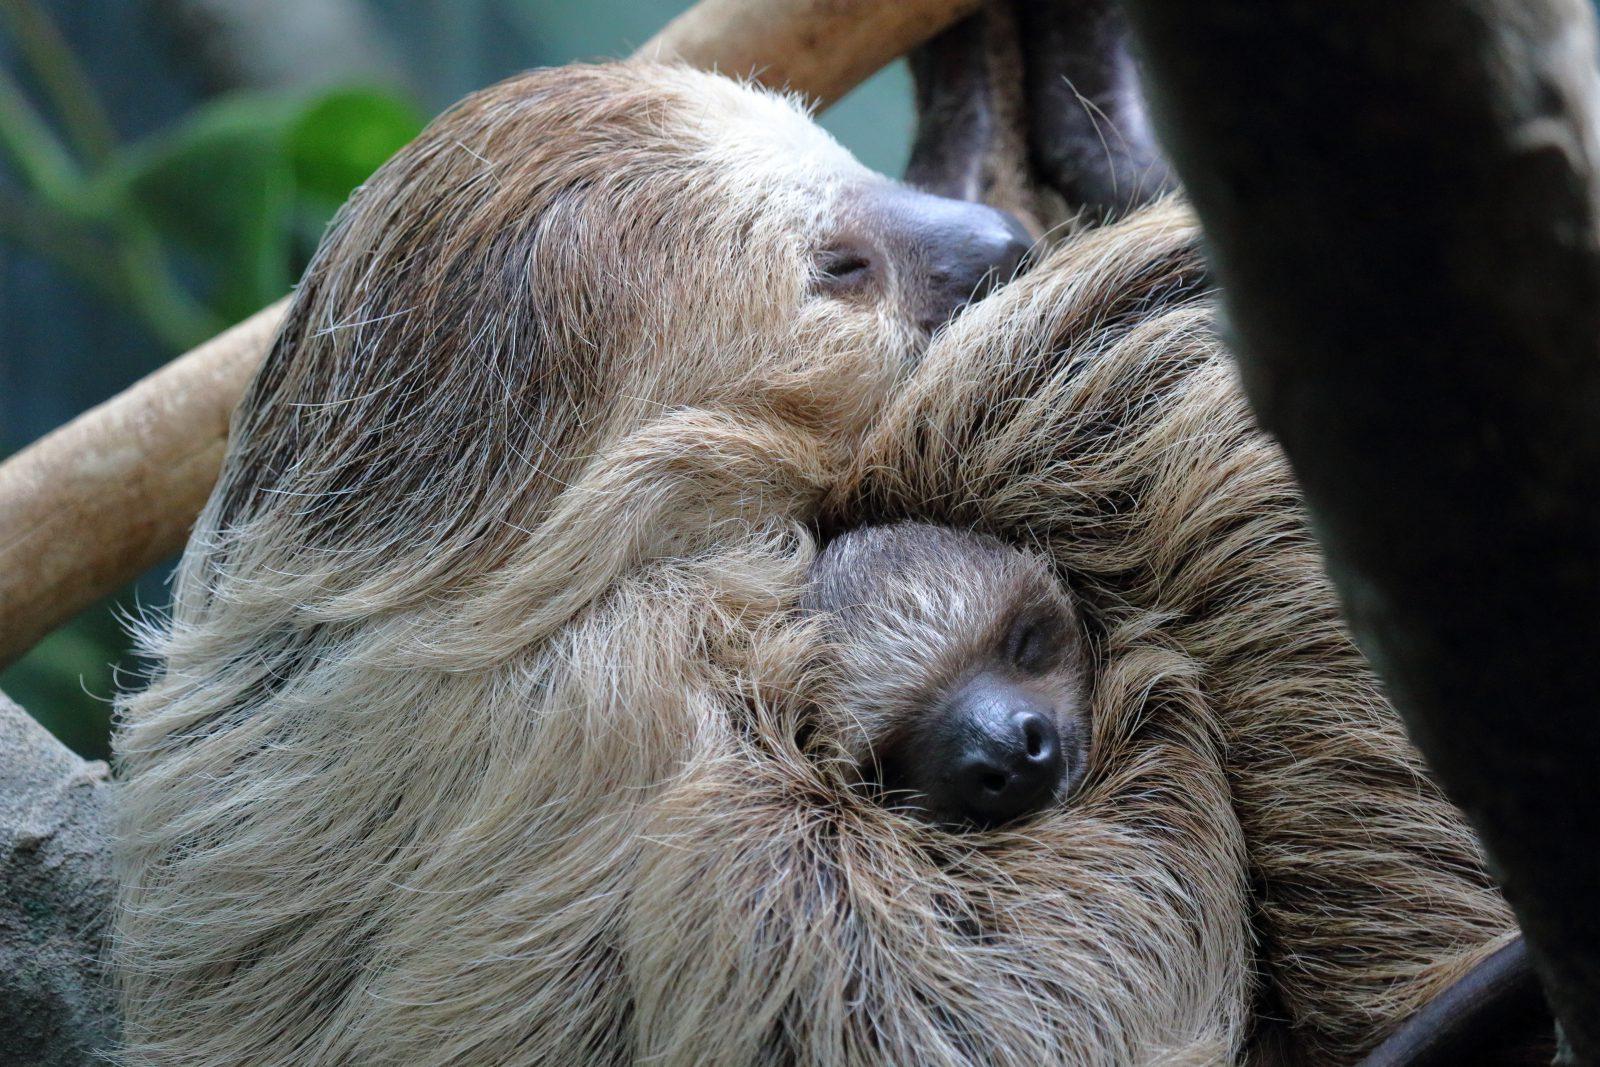 O bicho preguiça é uma animal dócil e amável de garras poderosas.